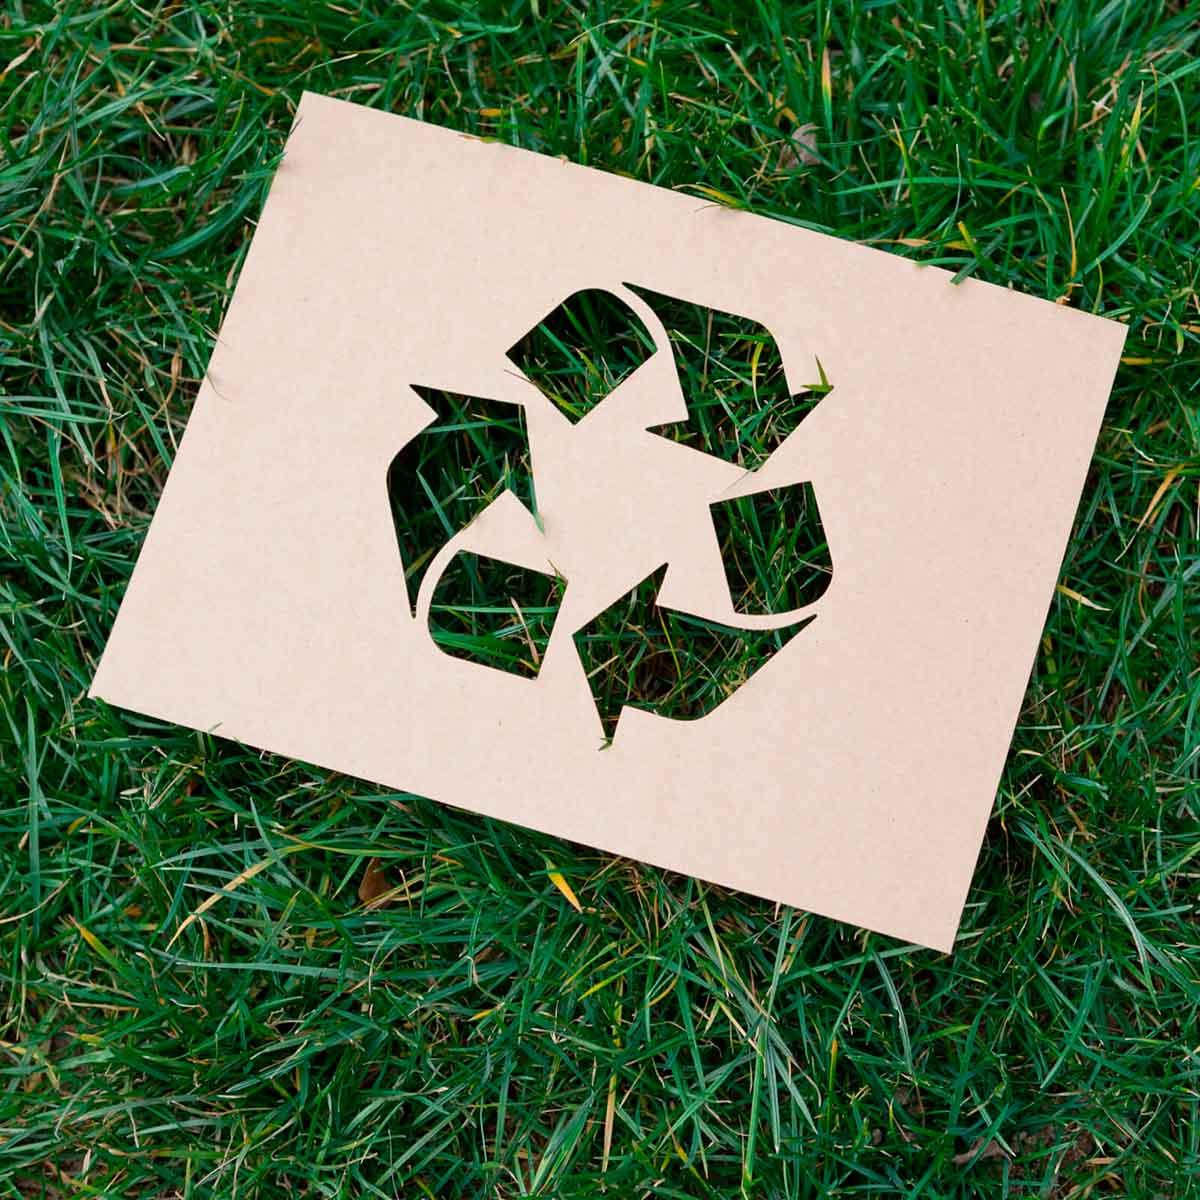 ¿Cómo elegir el mejor packaging ecológico para tu negocio?